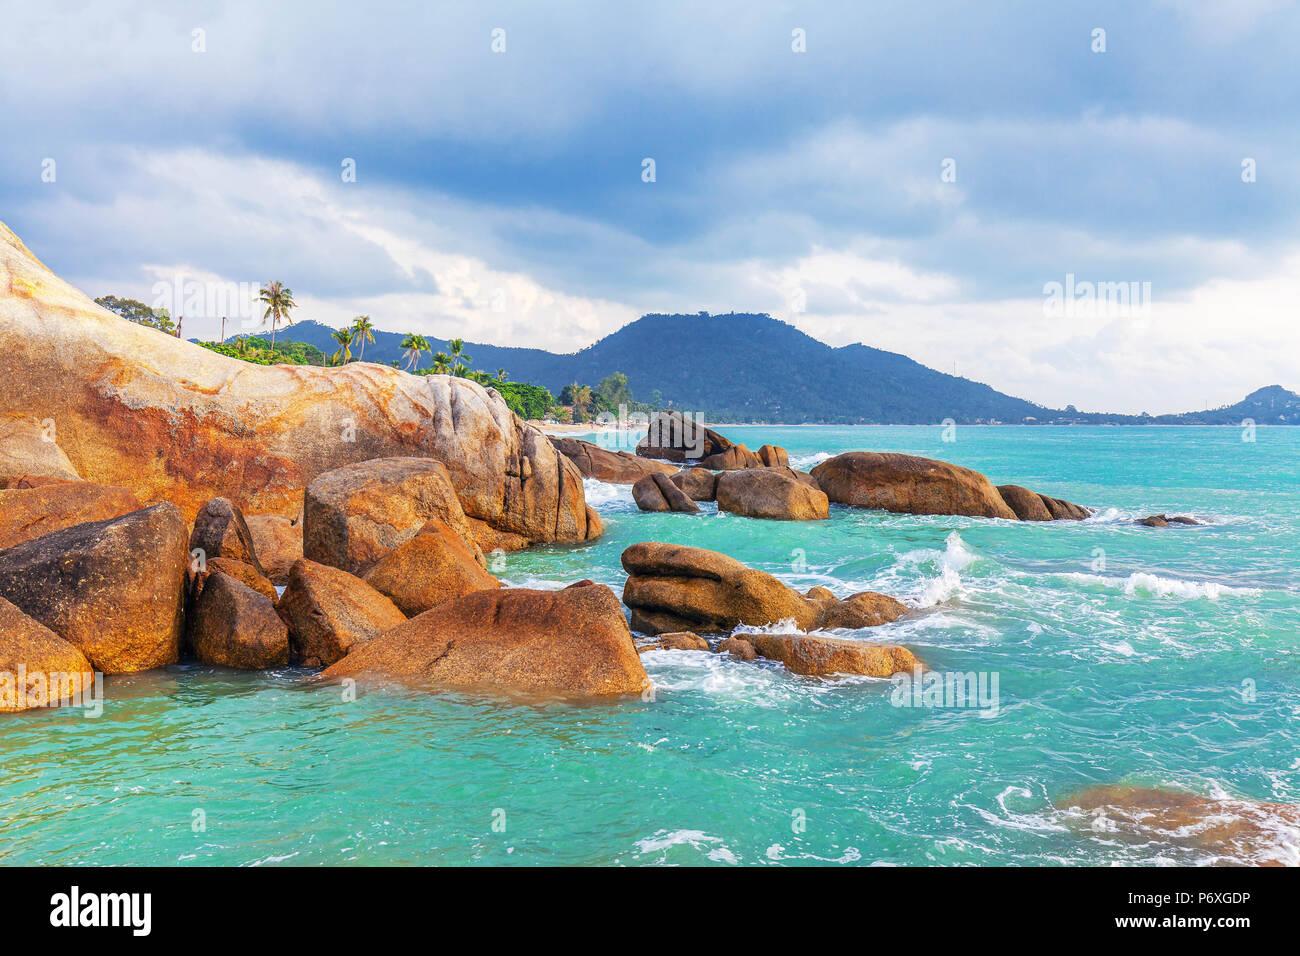 Hin Ta e Hin Yai rocce. Un famoso luogo dell'isola di Koh Samui in Thailandia. Foto Stock